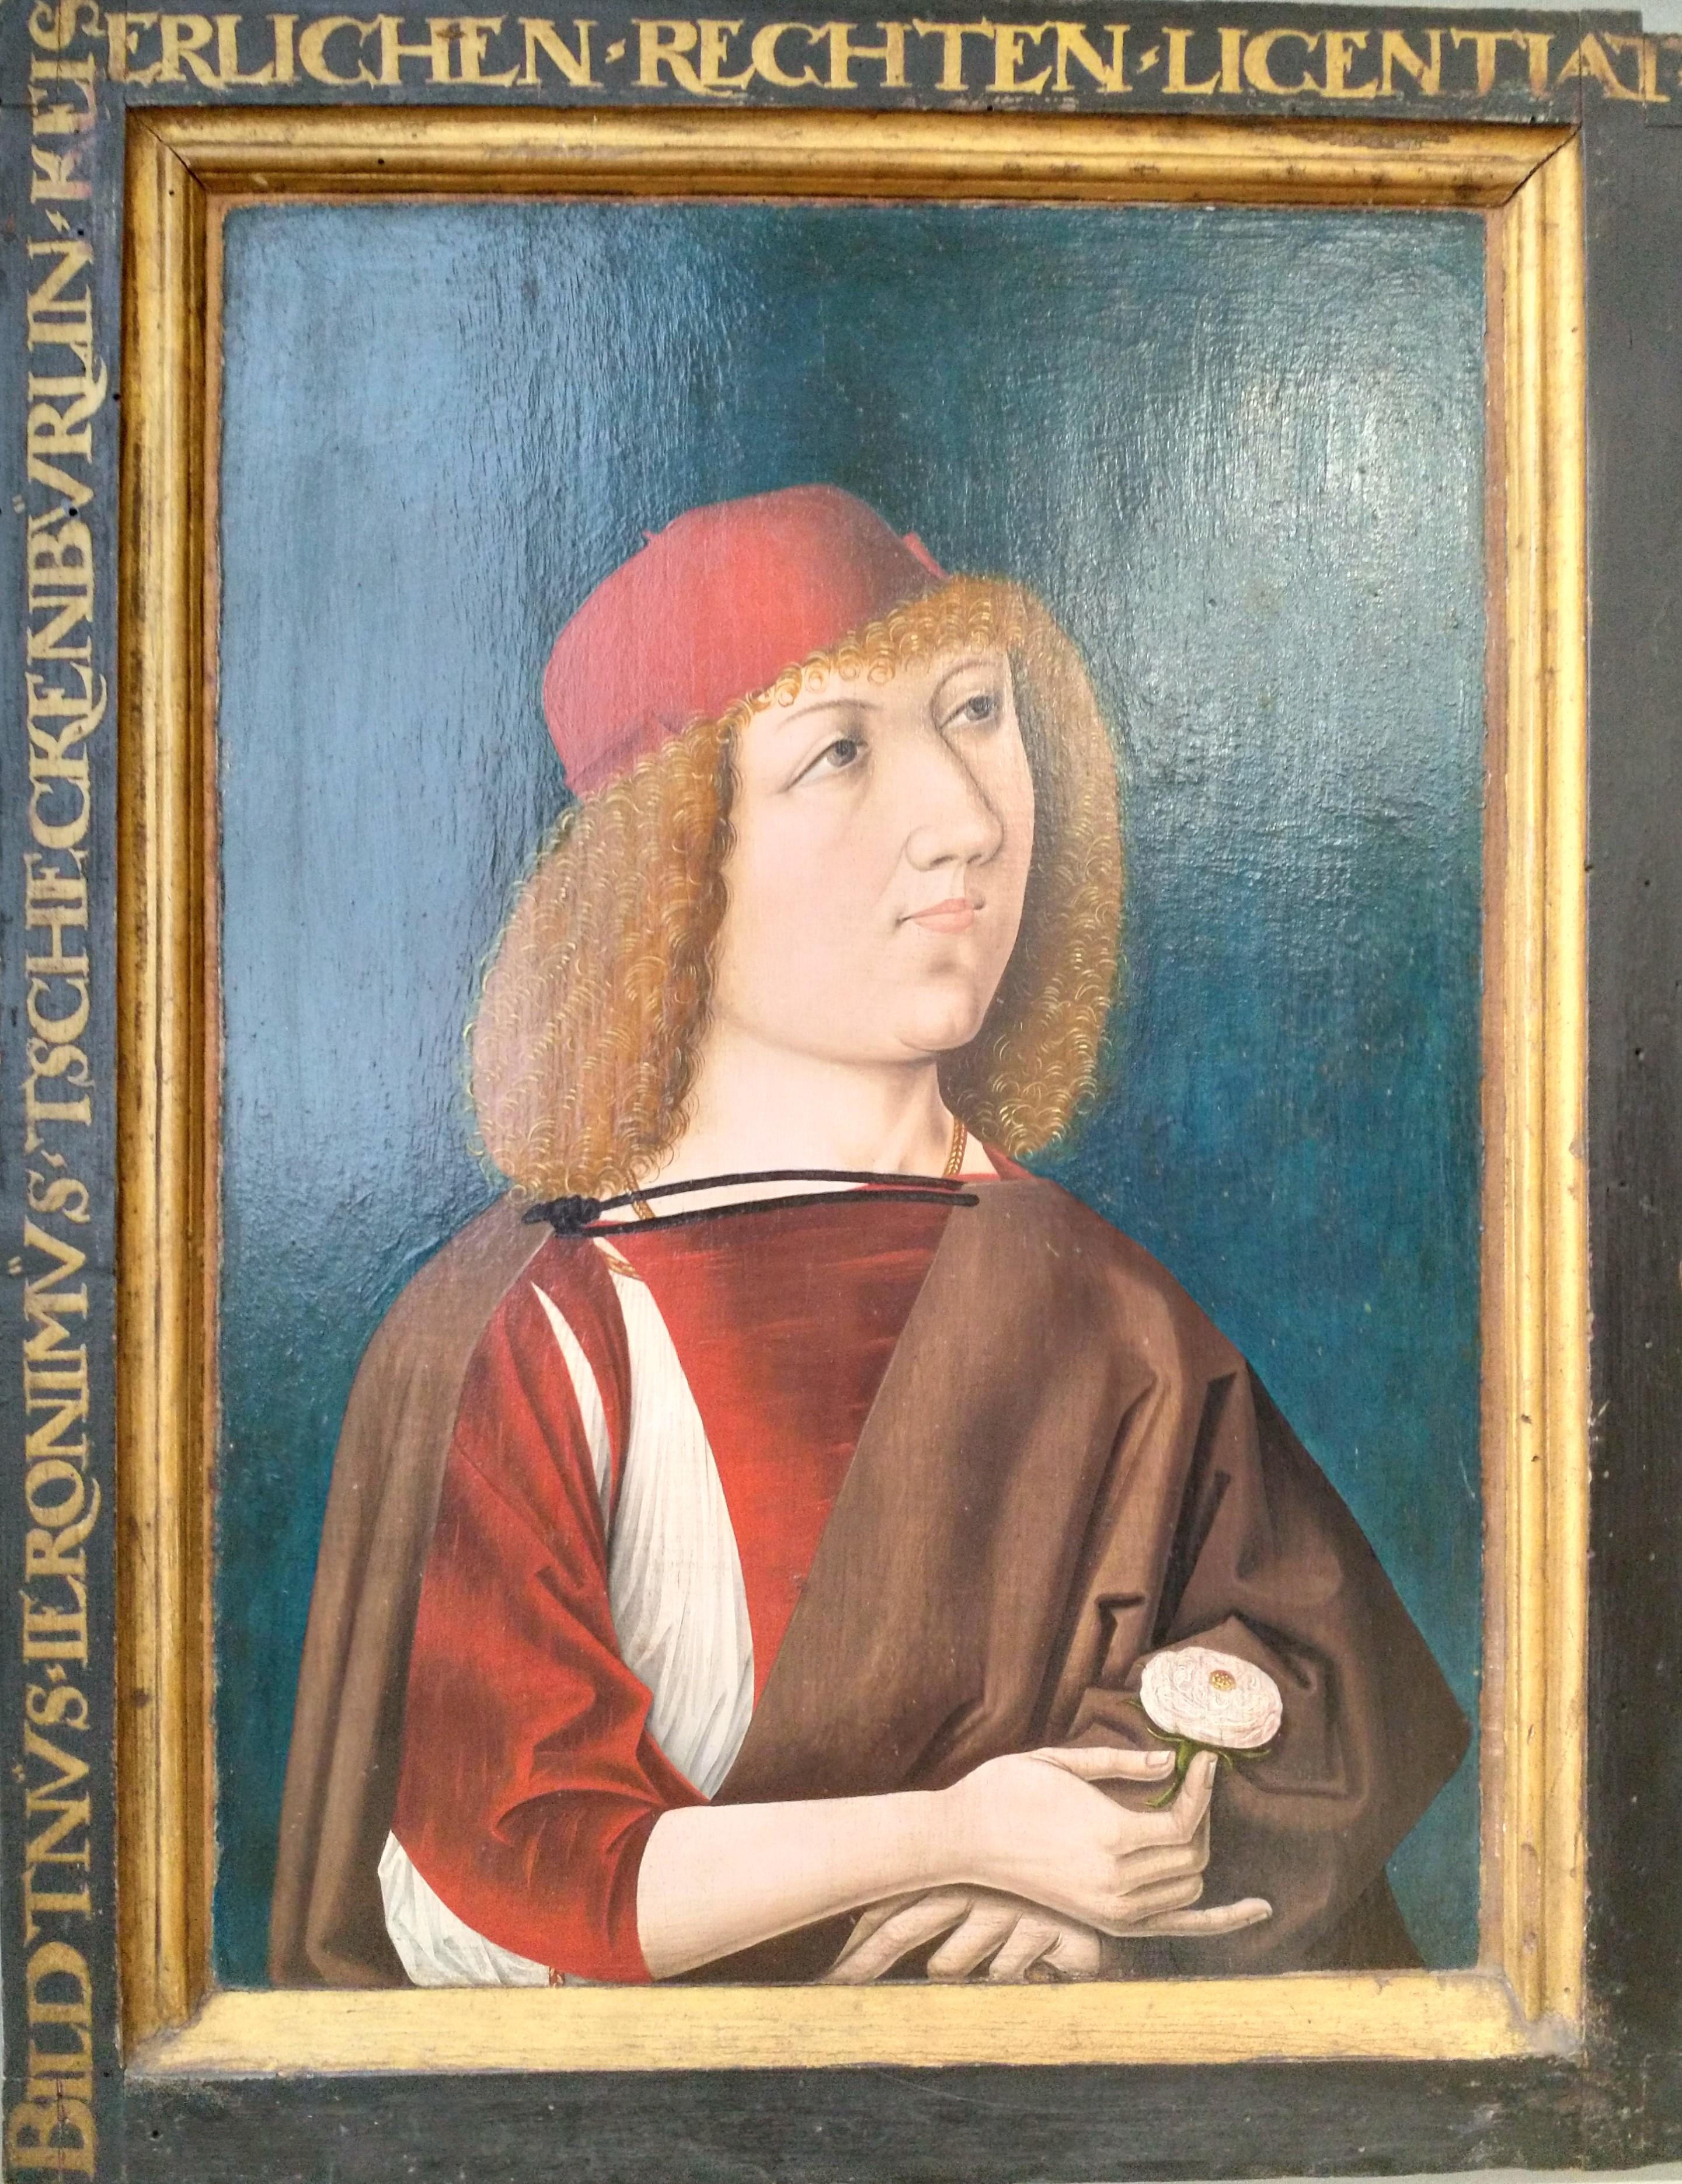 Anonyme 1487 Double portrait macabre de Hieronymus Tschekkenburlin, Bale, Kunstmuseum A